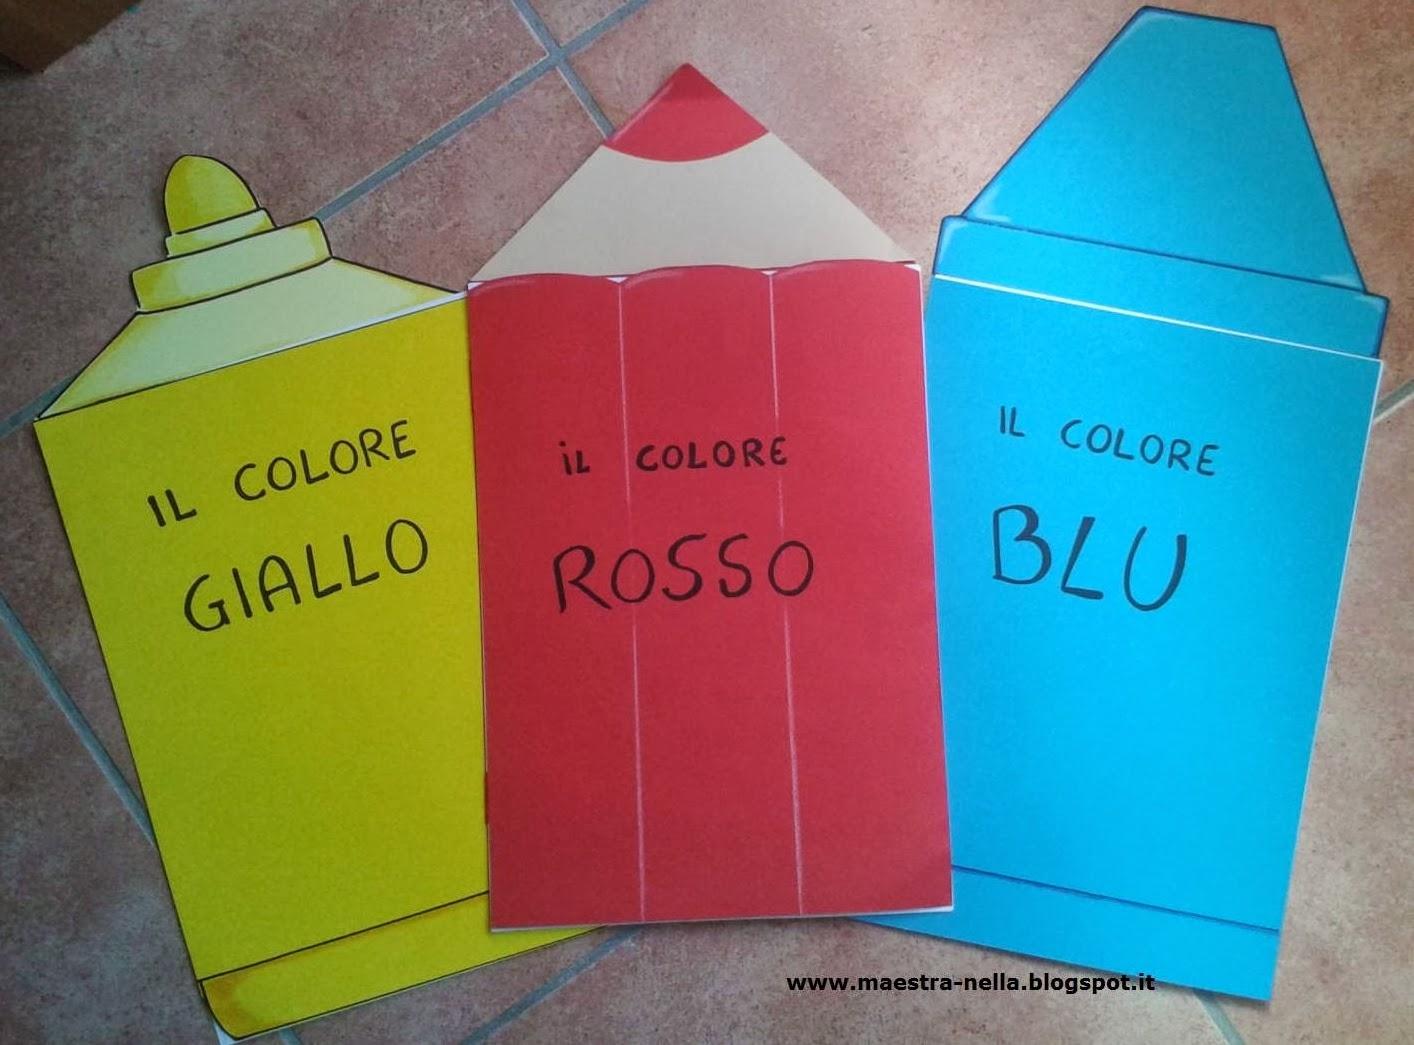 Maestra nella carpette per i colori primari for Maestra nella il libro dei colori